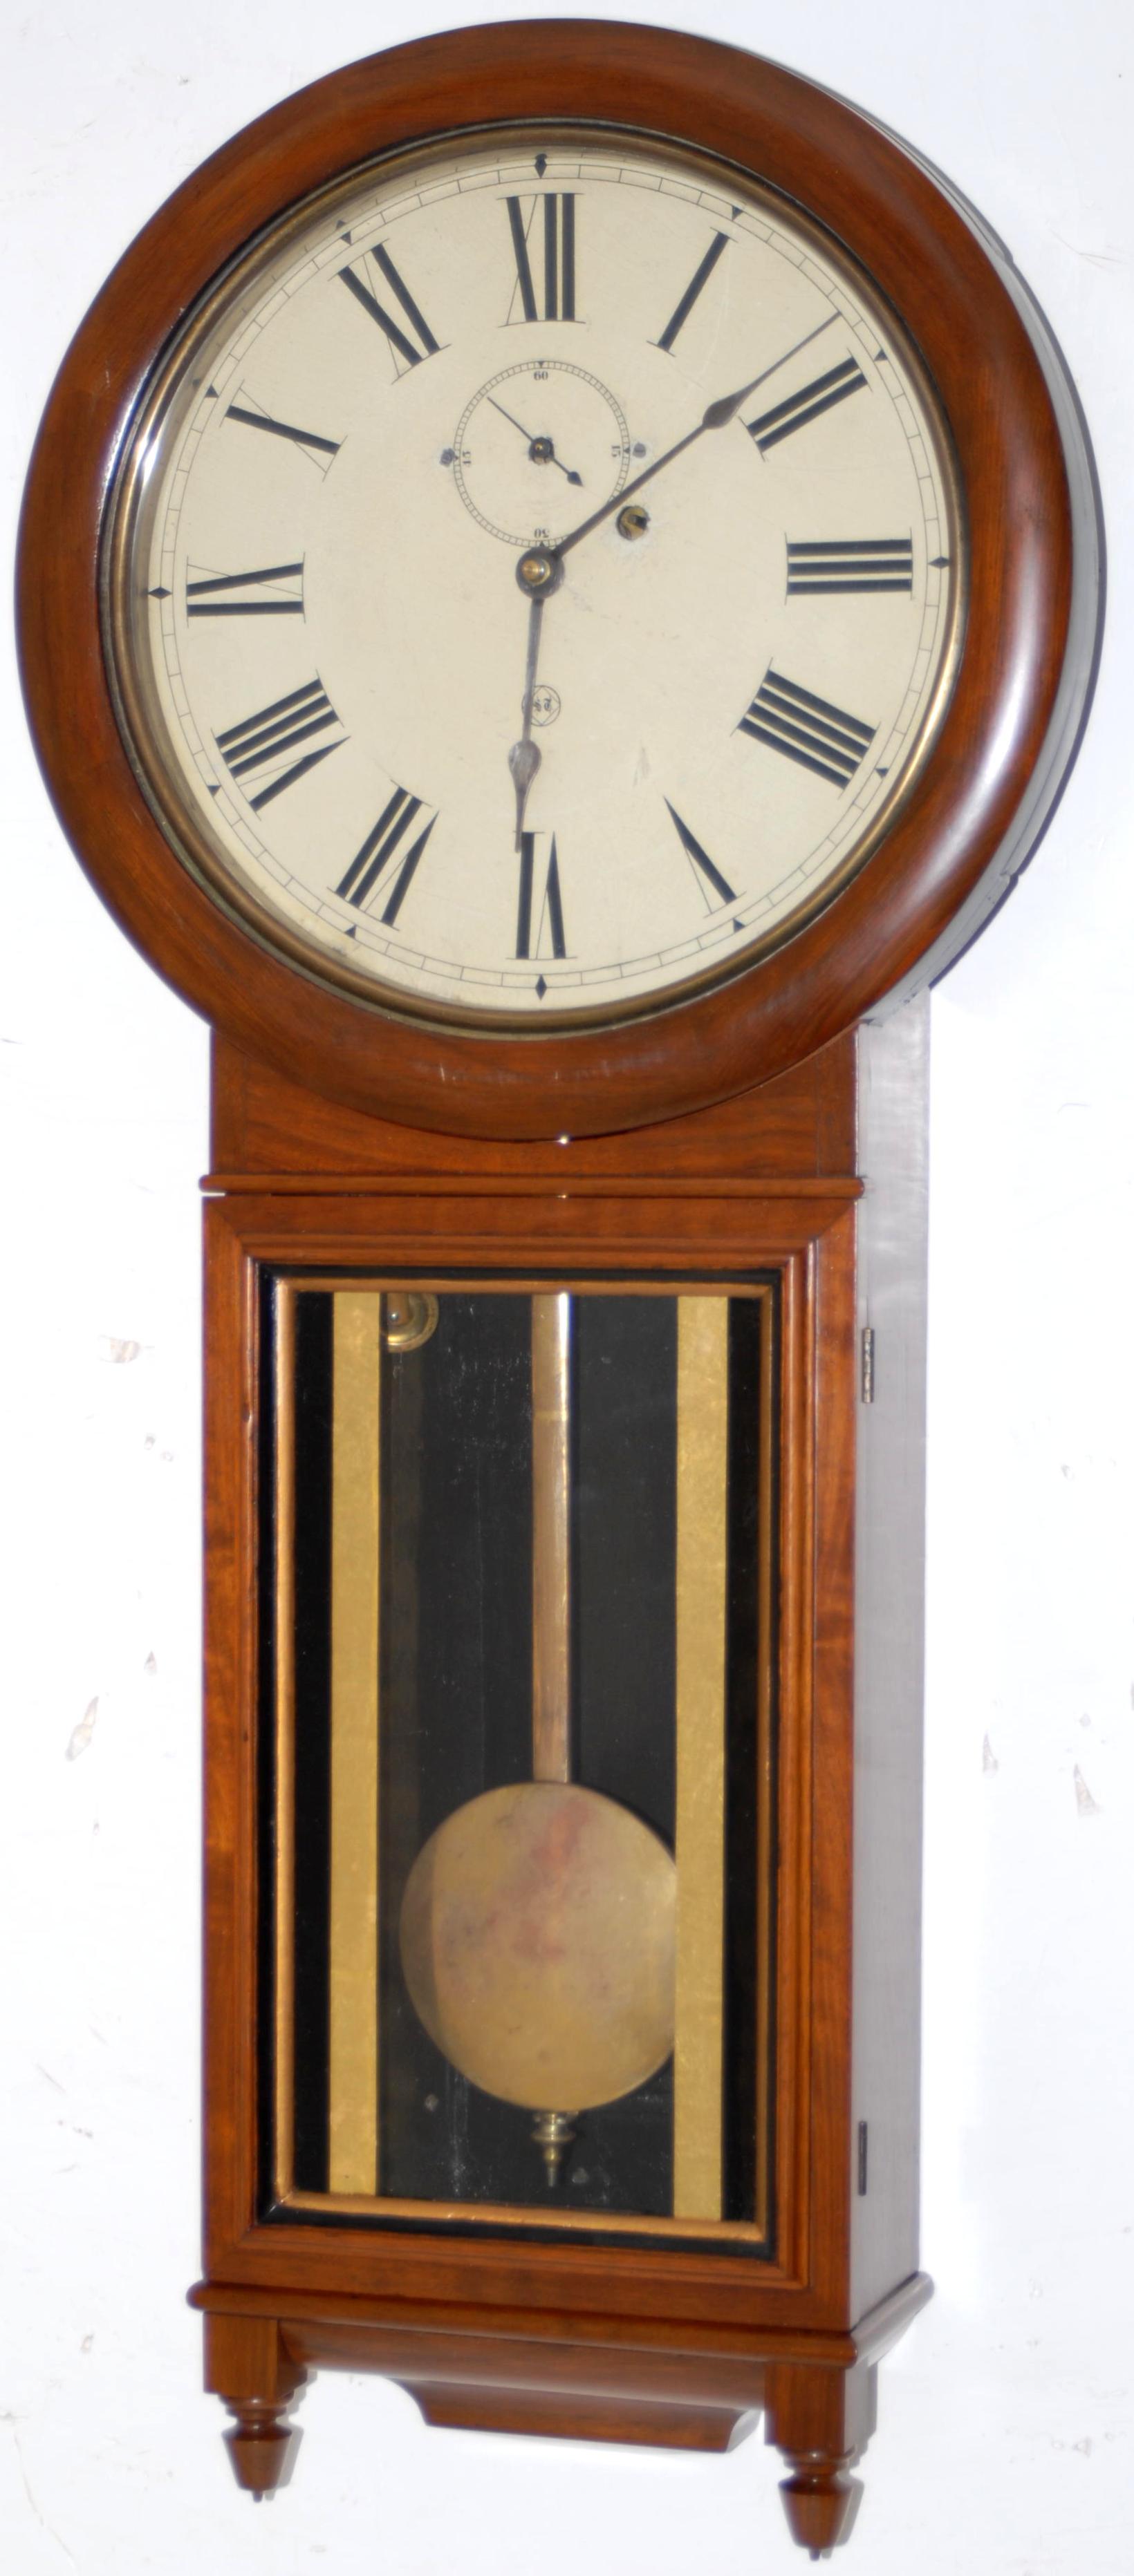 Weight driven pendulum wall clocks 12000 wall clocks clock has wooden framed movement weight driven pendulum wall005005 jpg amipublicfo Images